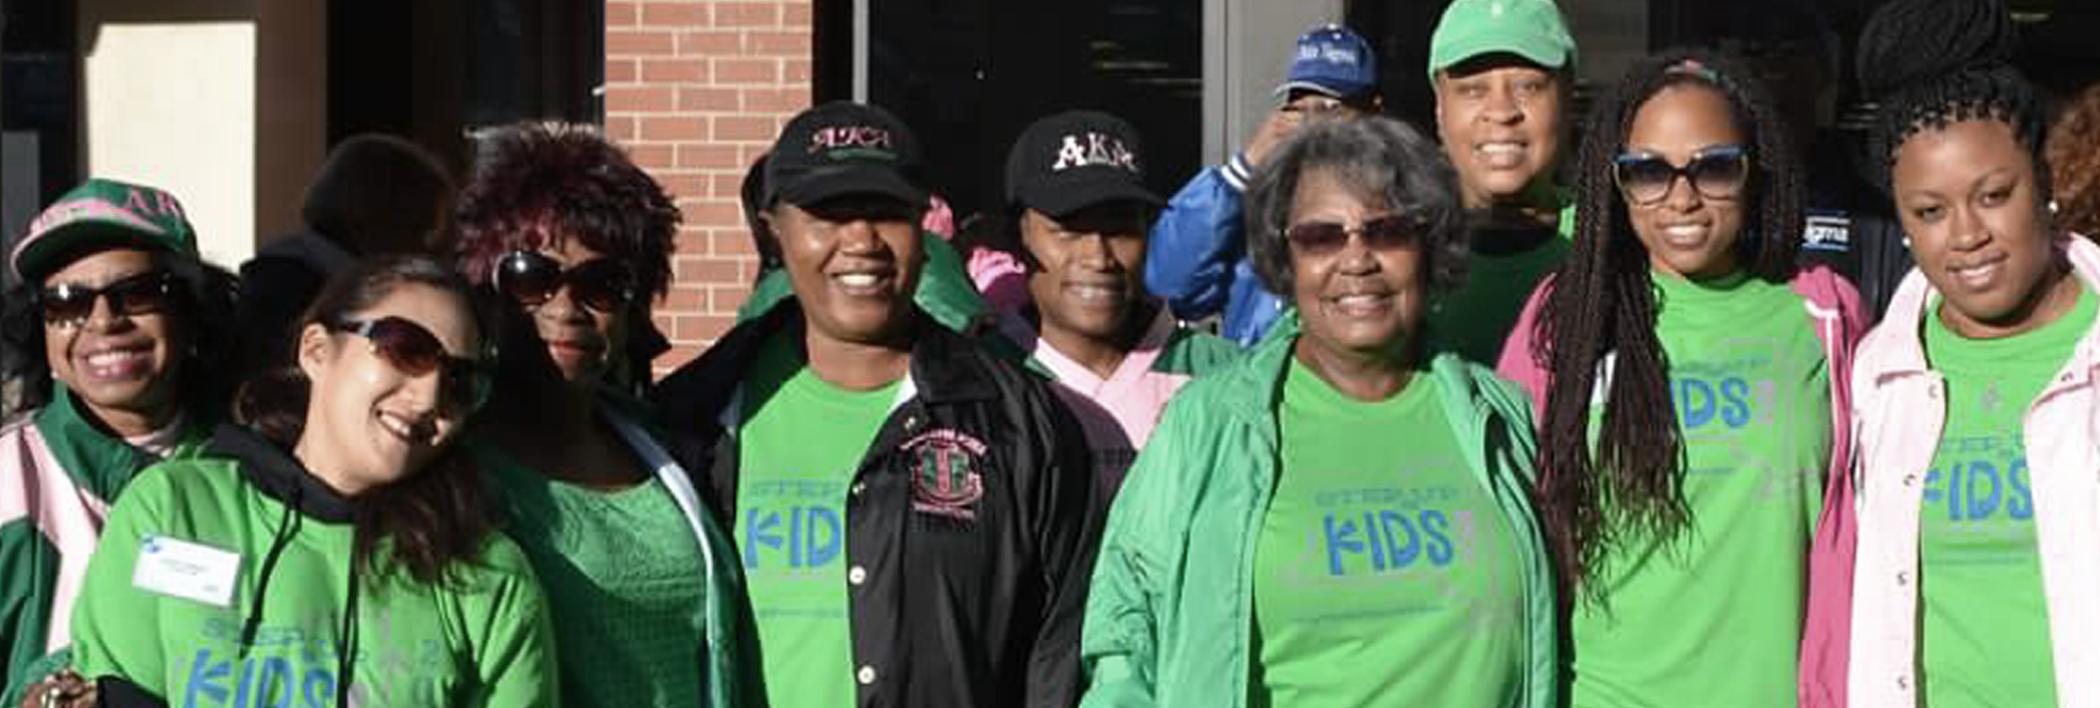 Volunteer Group outside of WIHD building